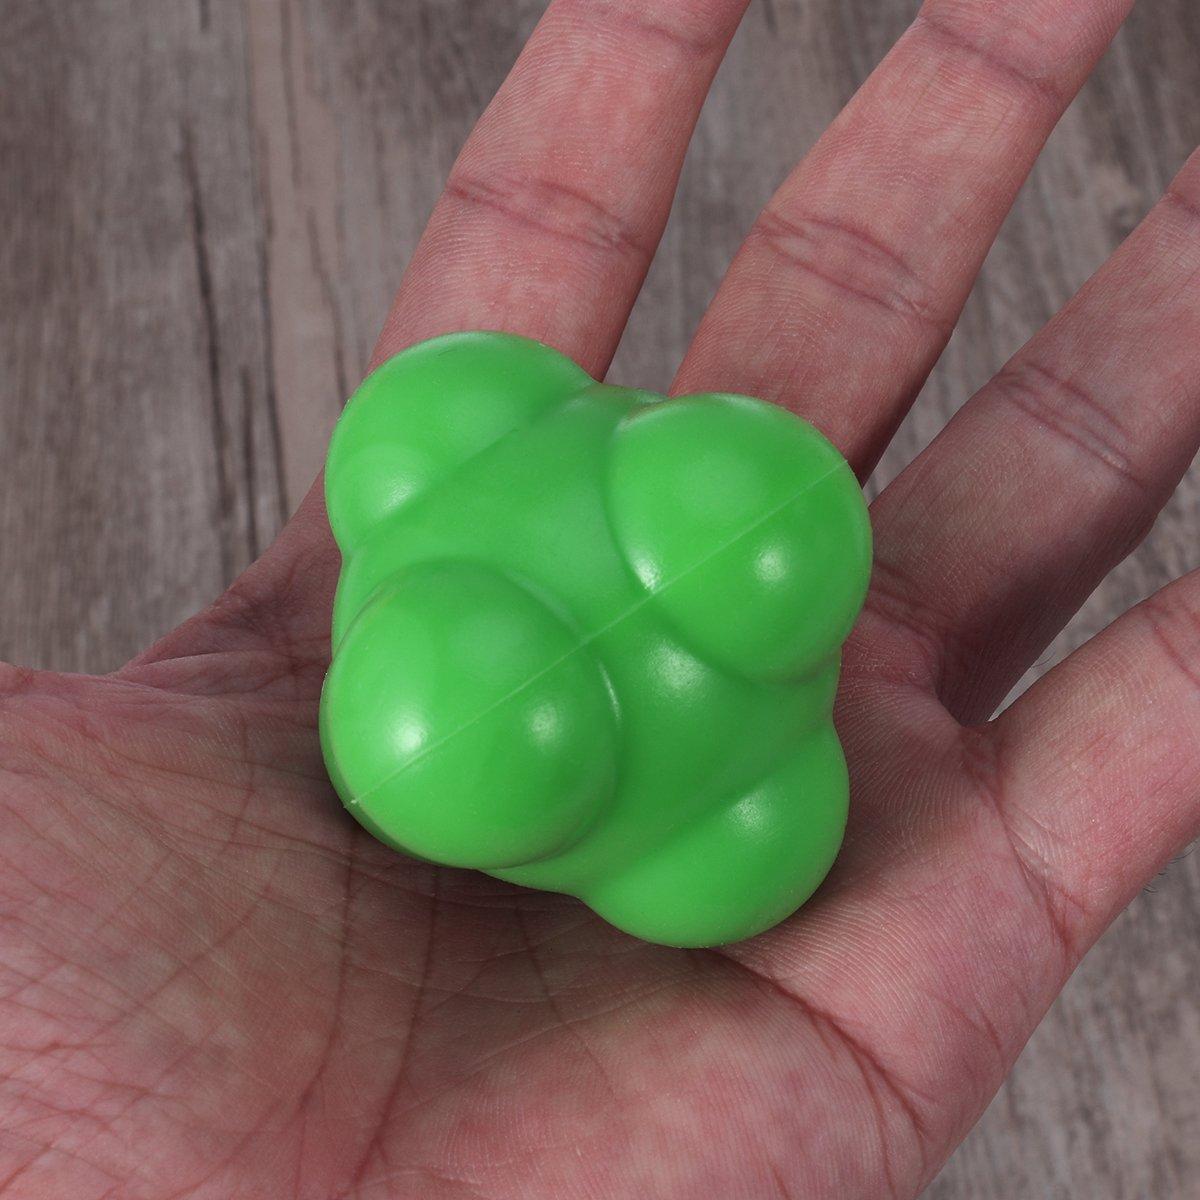 rosenice pelota de reacci/ón para entrenamiento de agilidad y coordinaci/ón